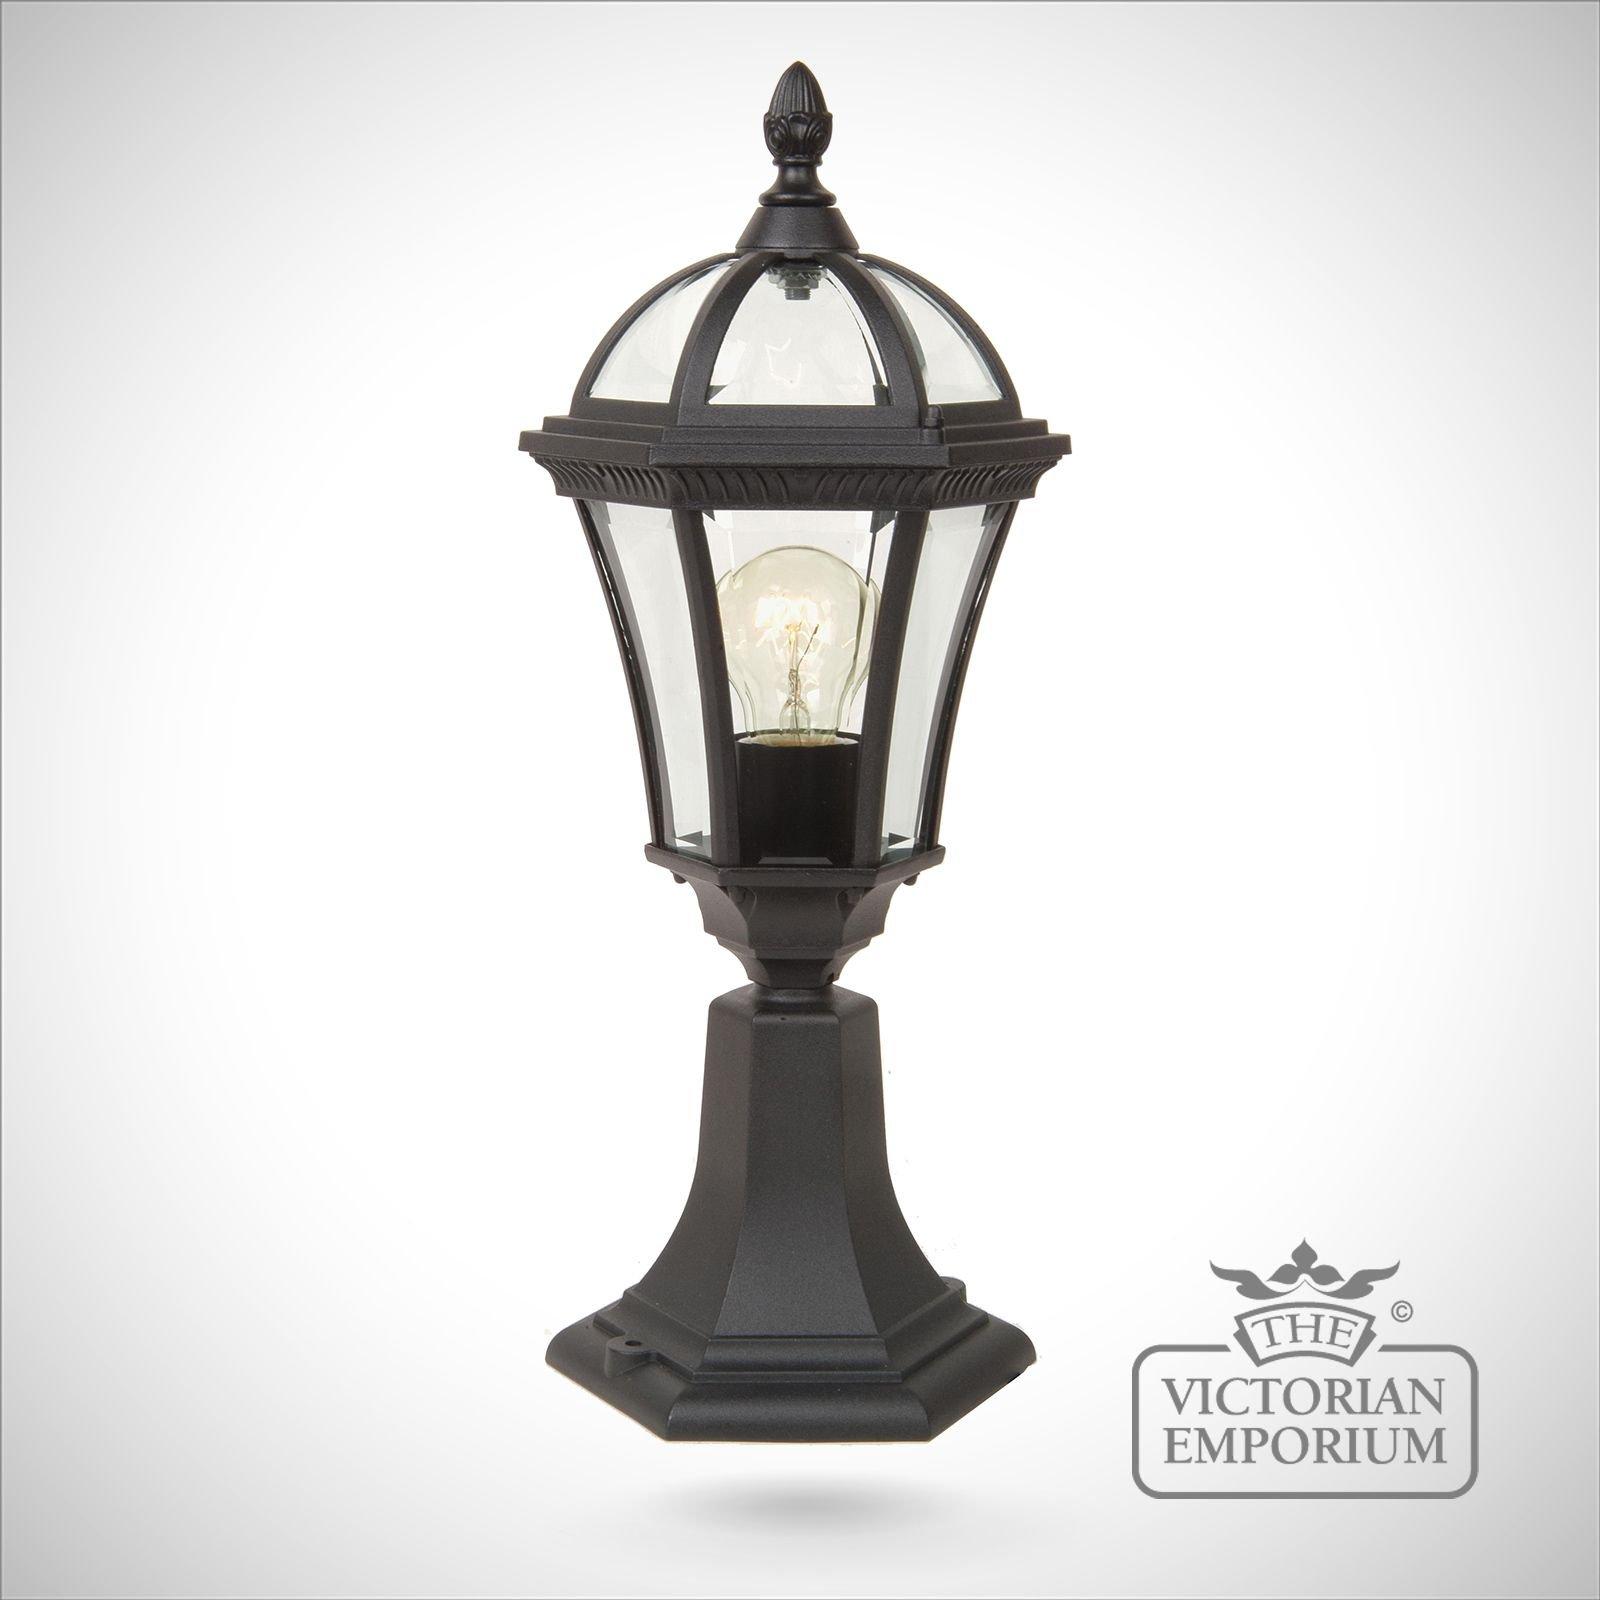 Warwick Pedestal Lantern Light Black: Ledbury Pedestal Lantern